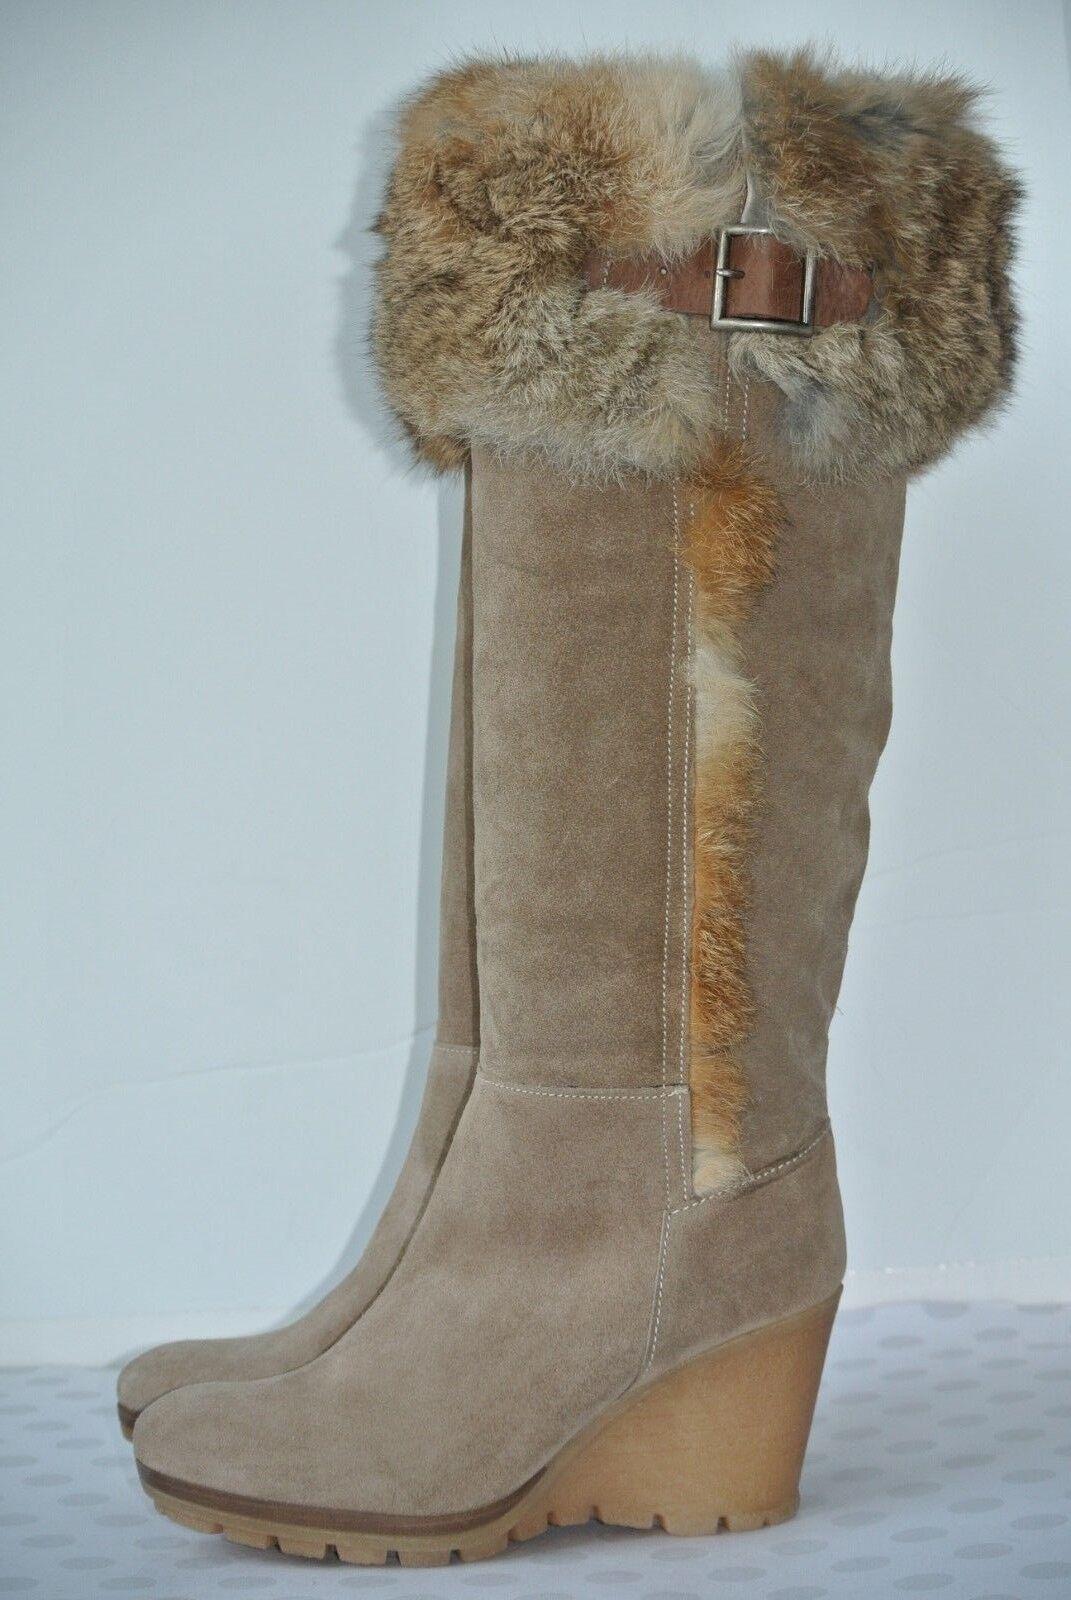 Nouveau Fabianelli Italie femme SZ 36 6 marron clair en daim fourrure de lapin hautes bottes hautes